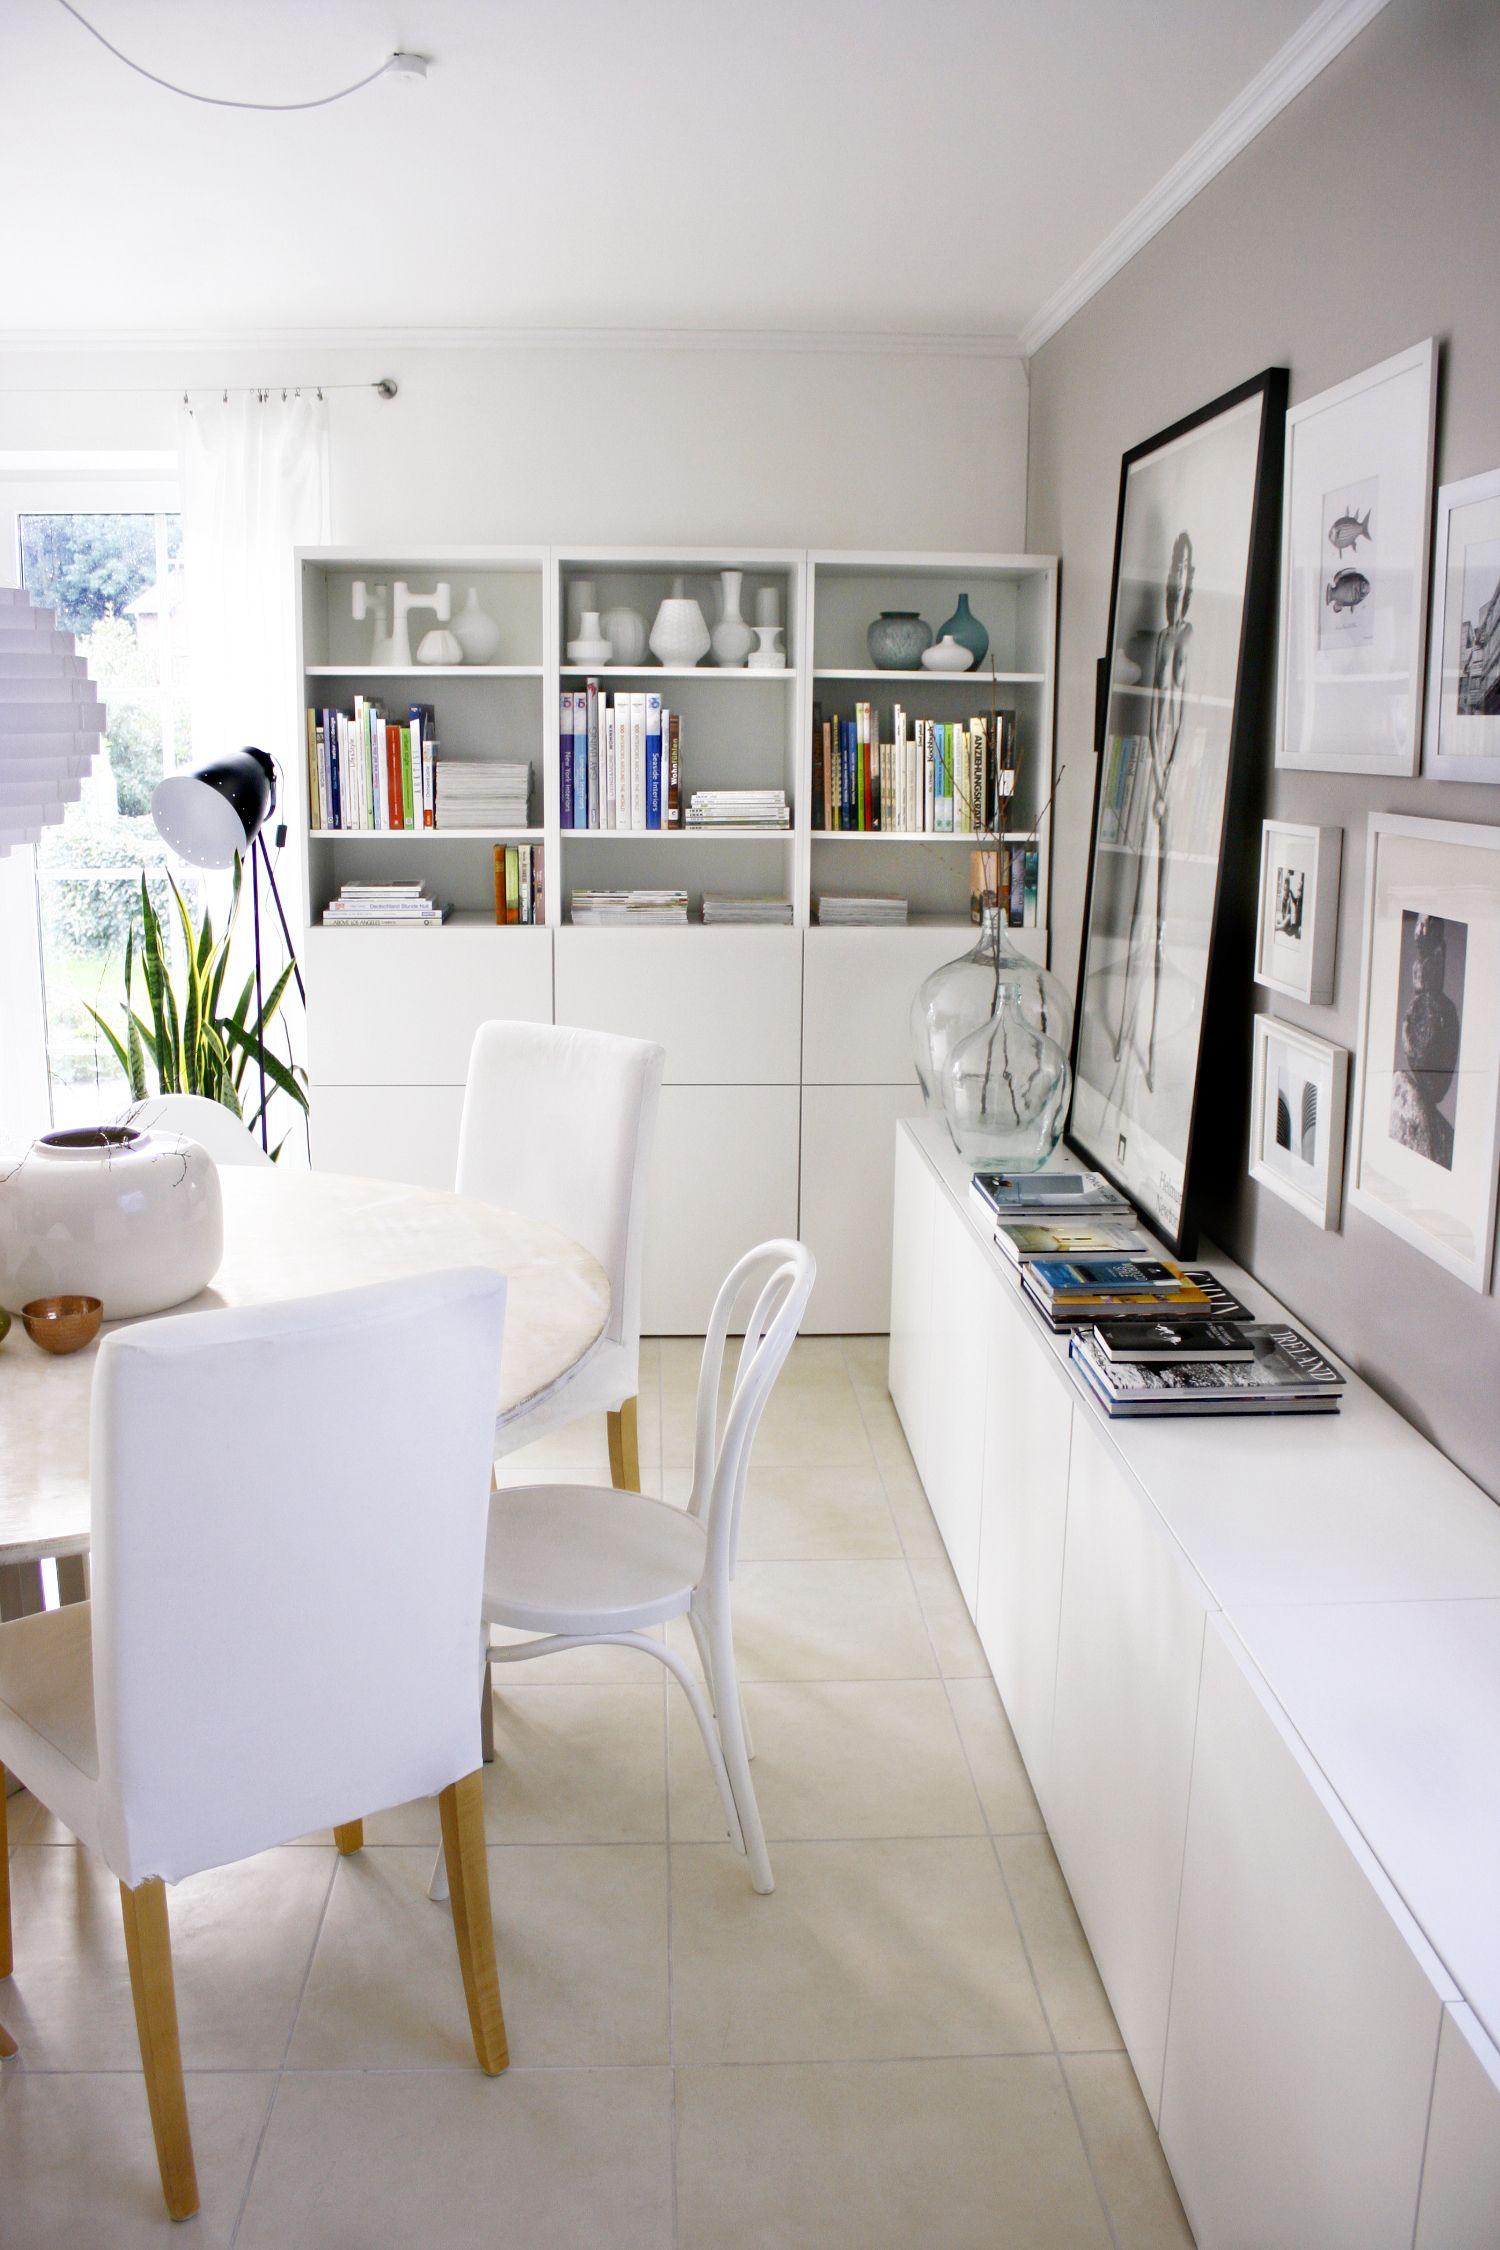 Neuer Schrank Ikea Wohnzimmer Wohnzimmer Design Und Haus Interieurs